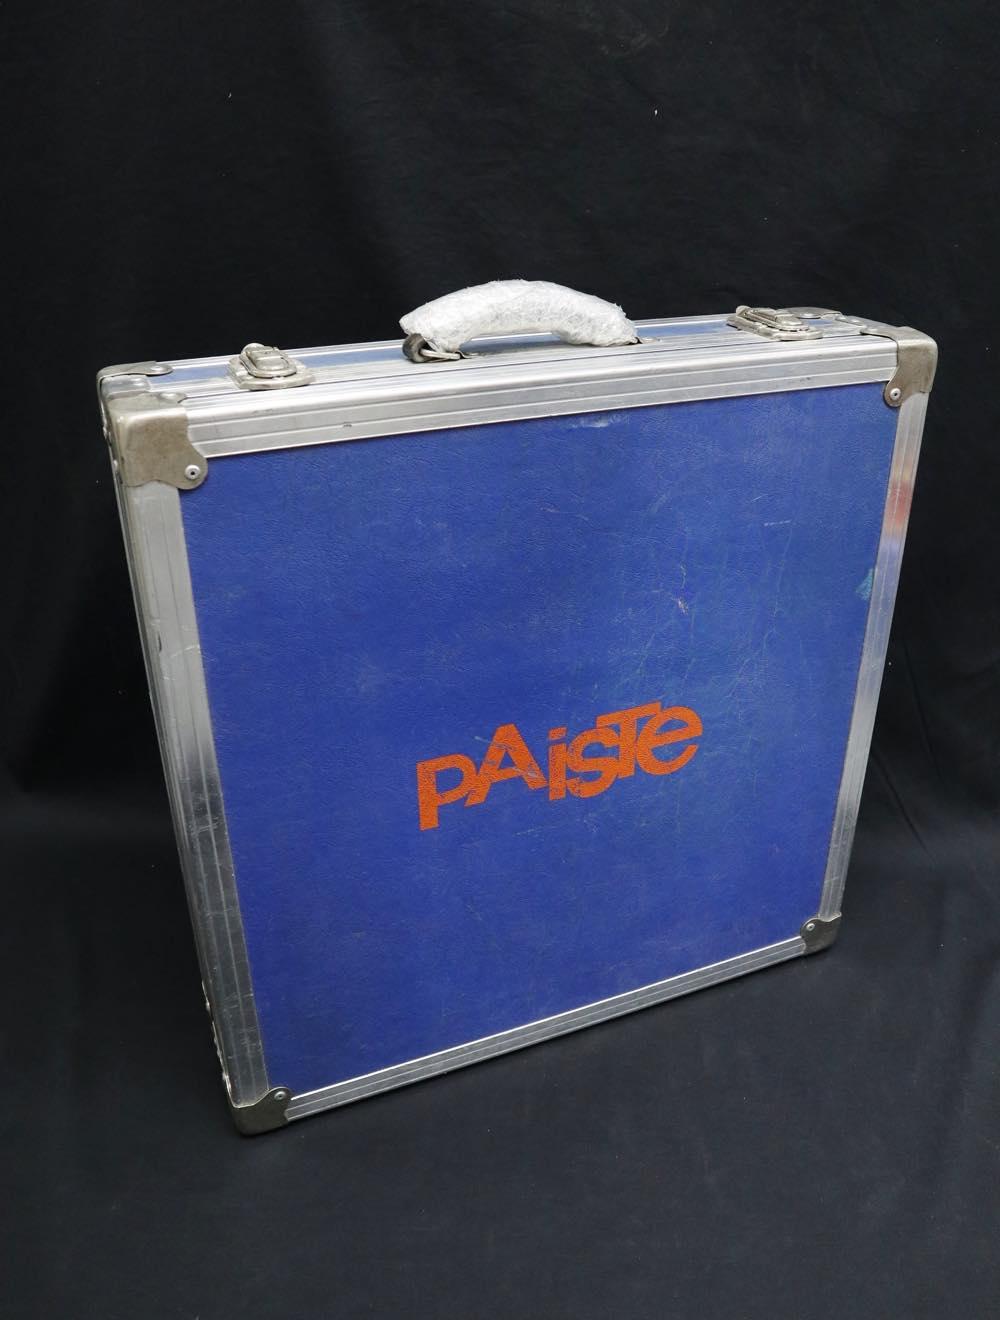 USED Paiste シンバルハードケース